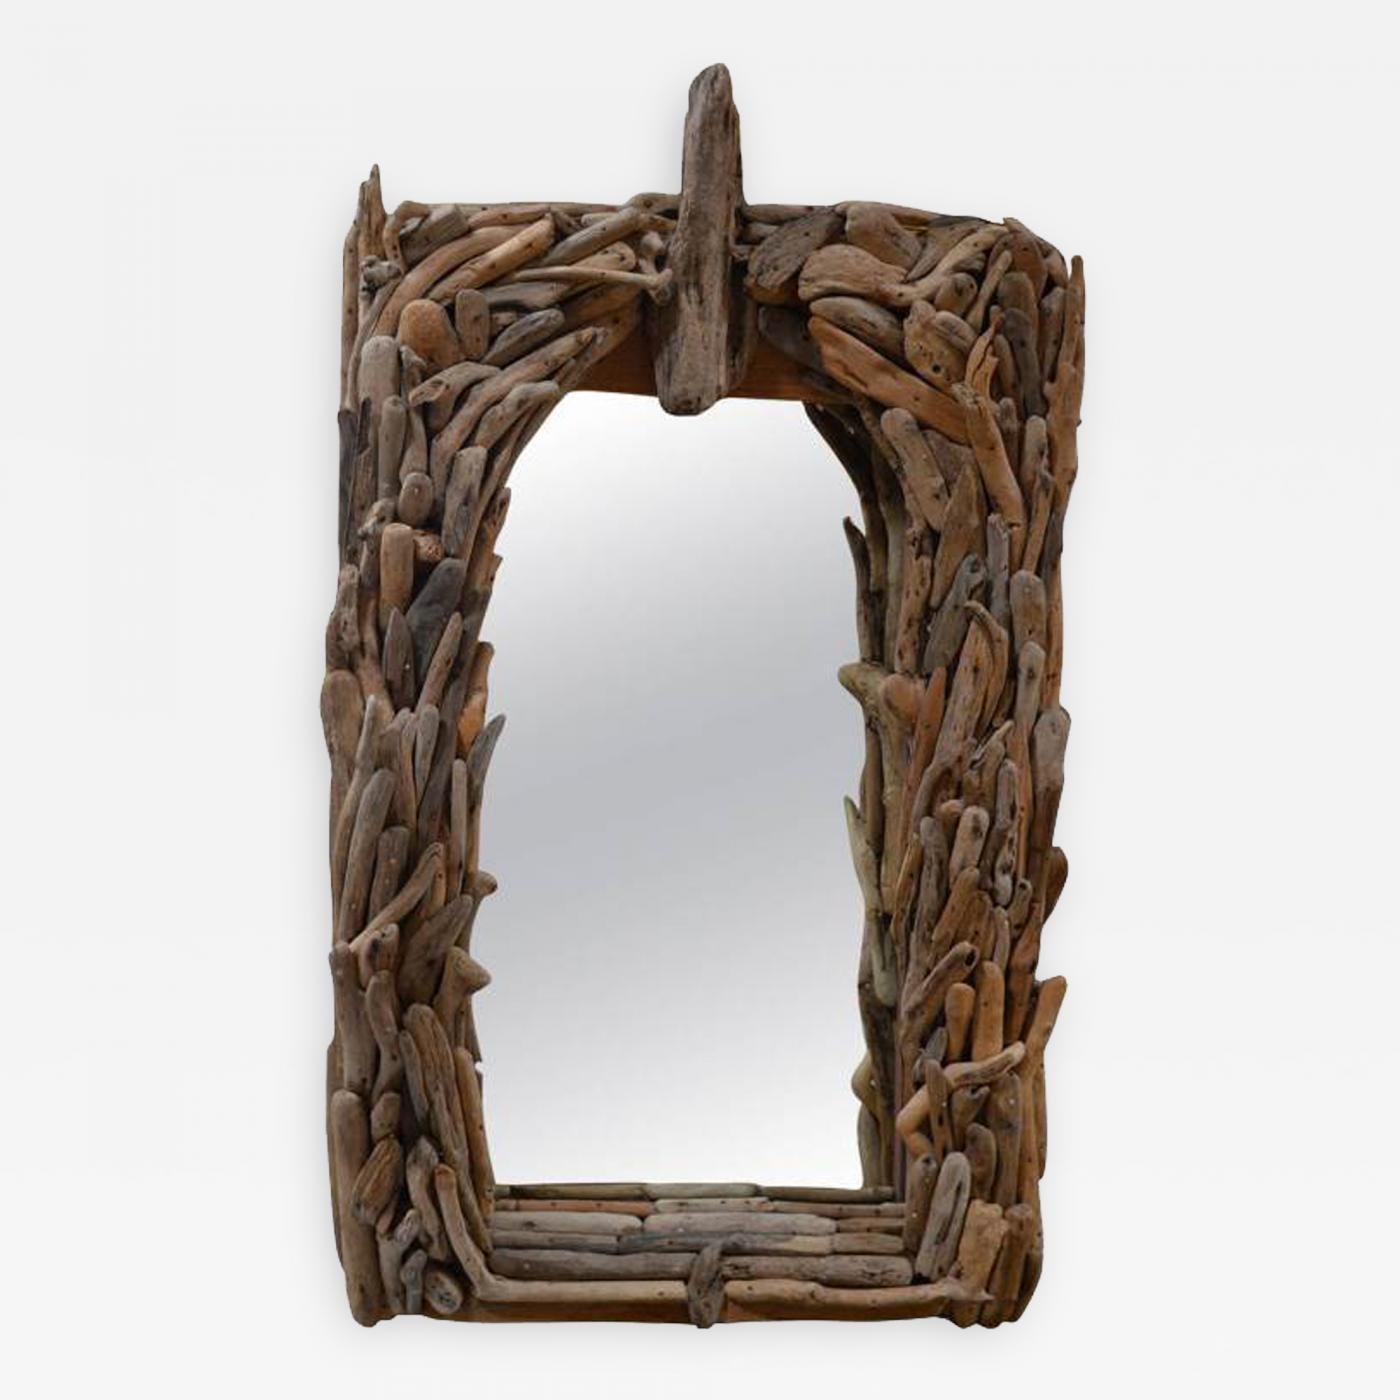 Distress Wood Wall Mirror